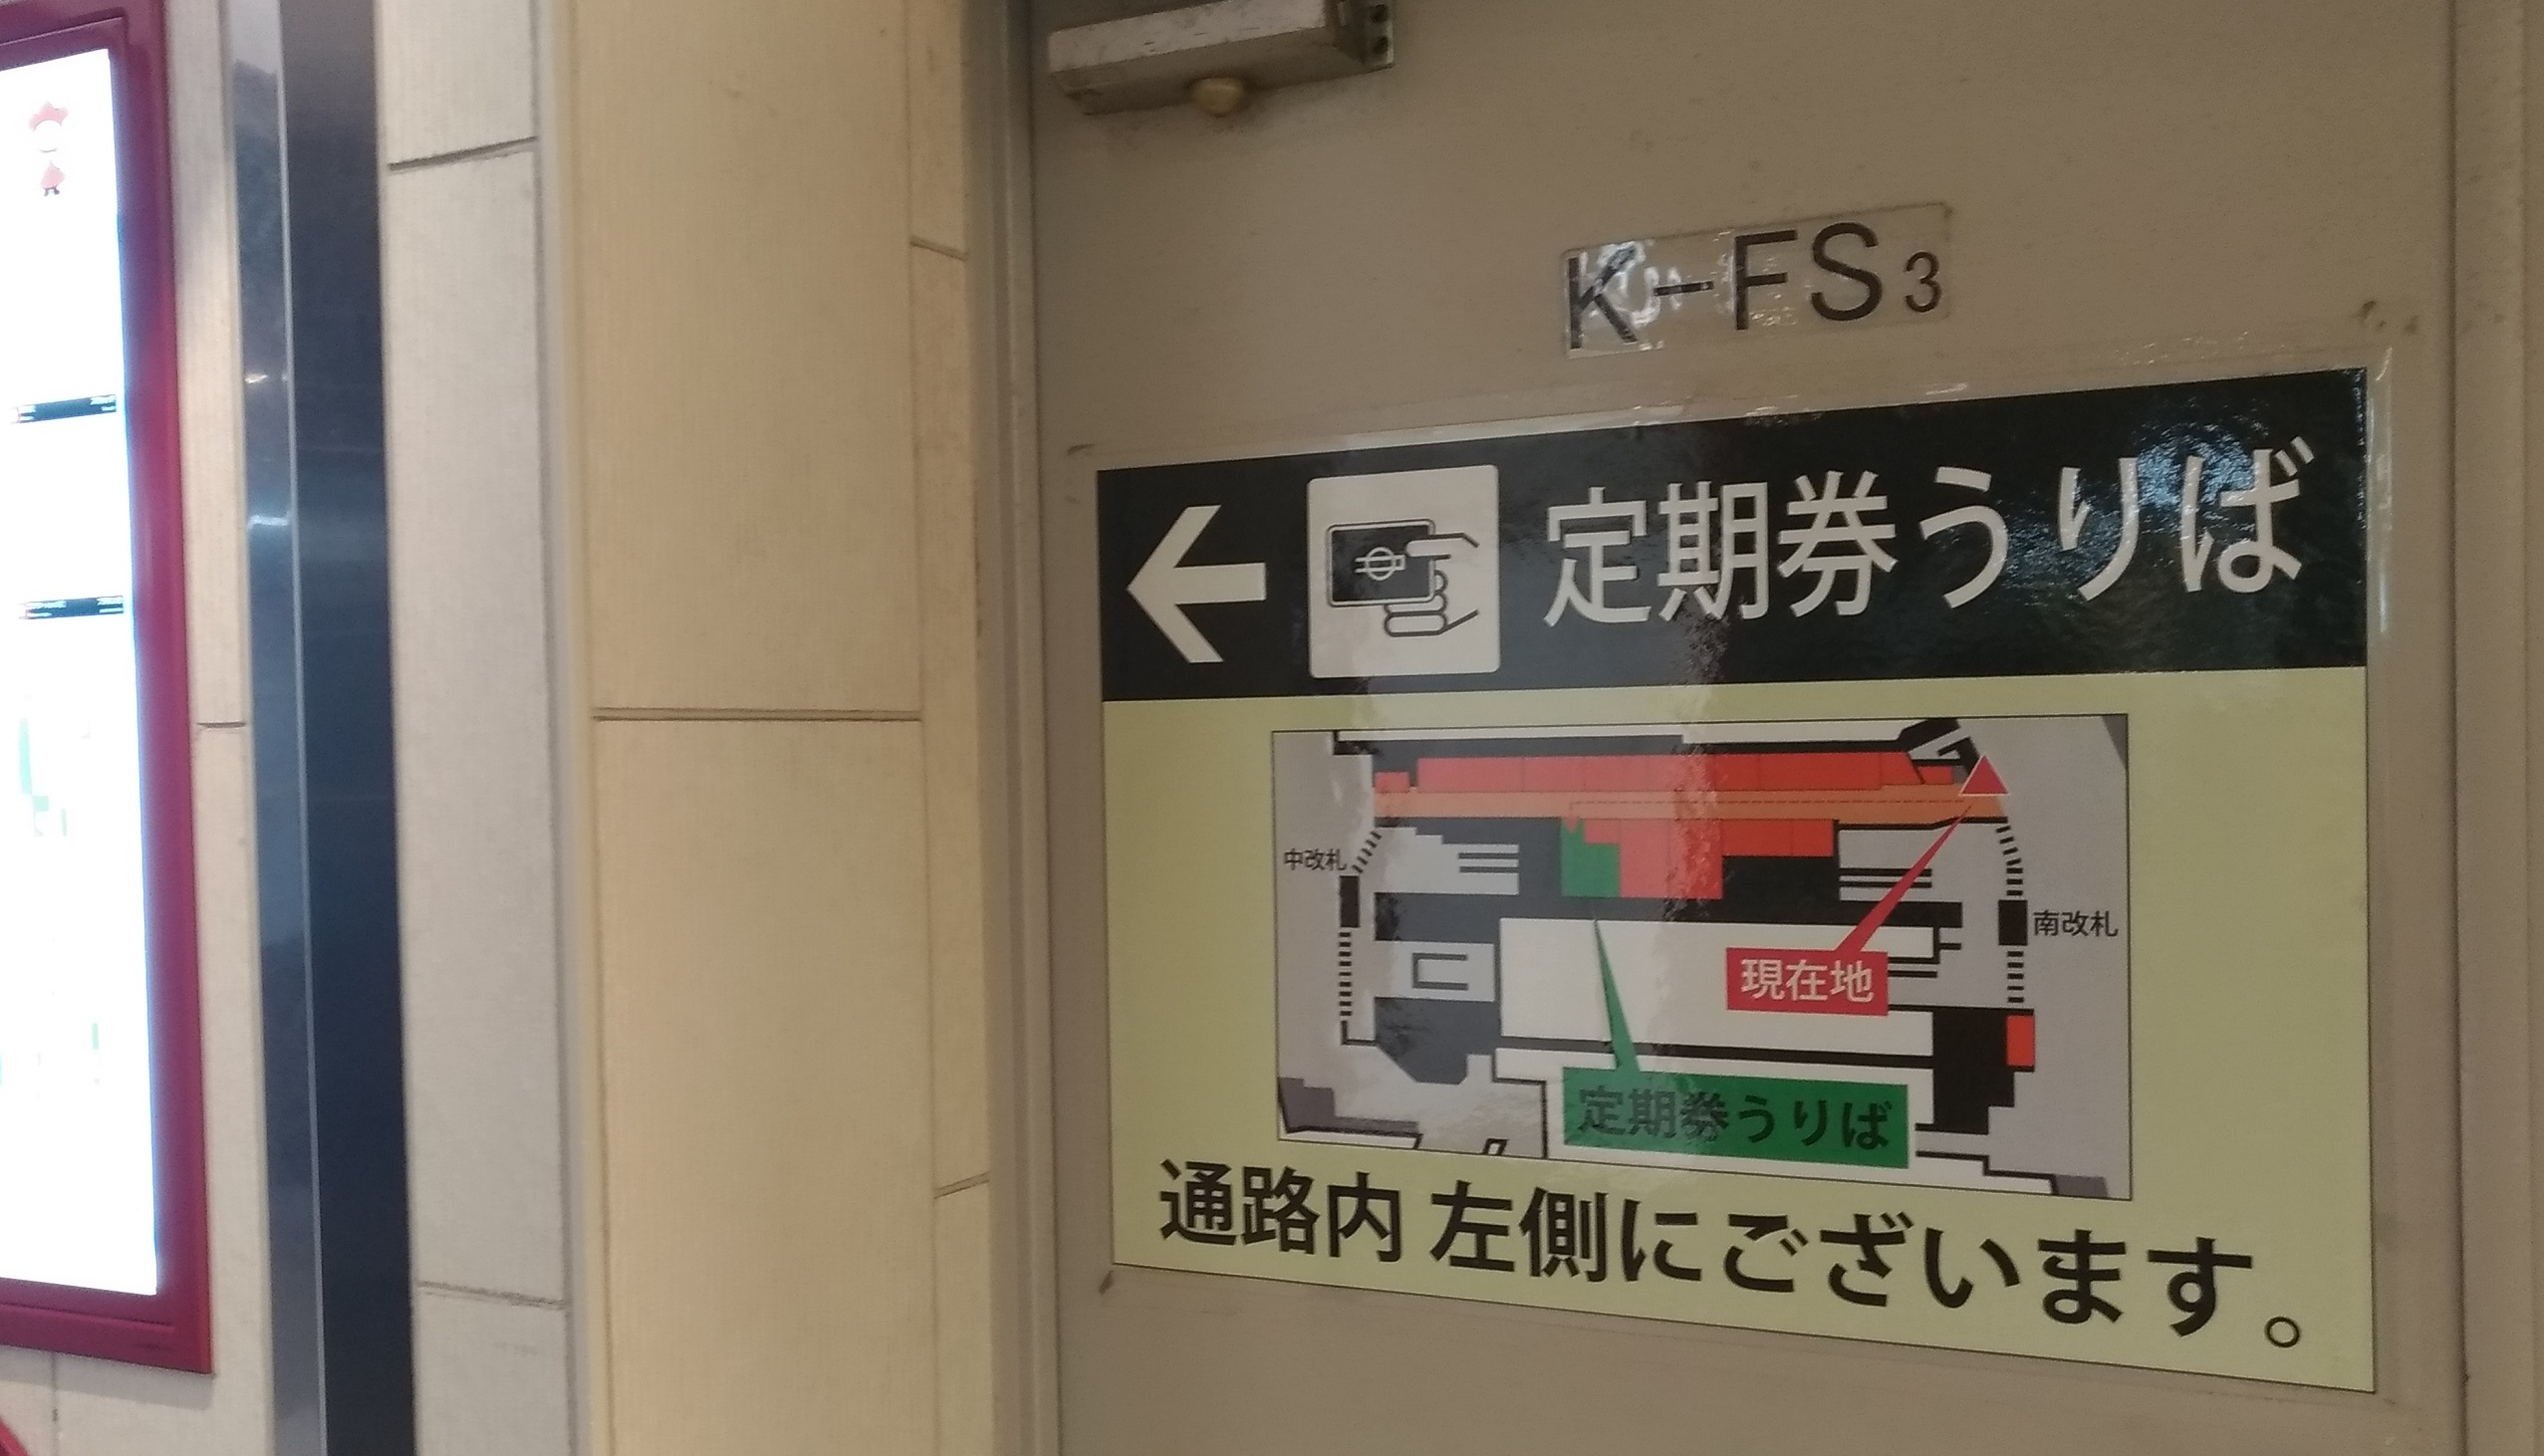 ekimo_umeda_osaka_teiki_haraimodoshi_.jpg